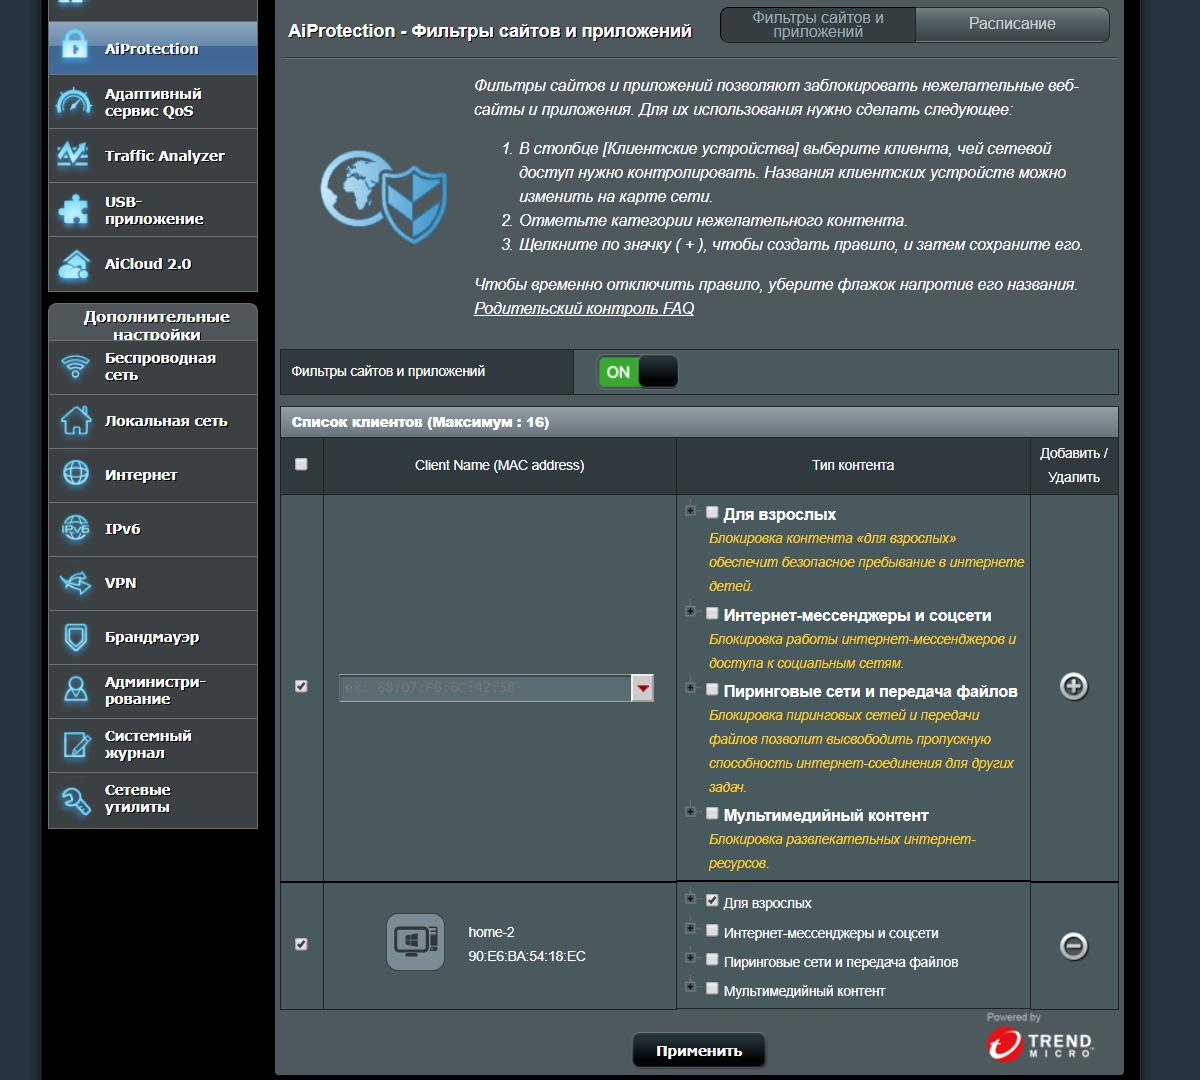 Фильтры сайтов и приложений